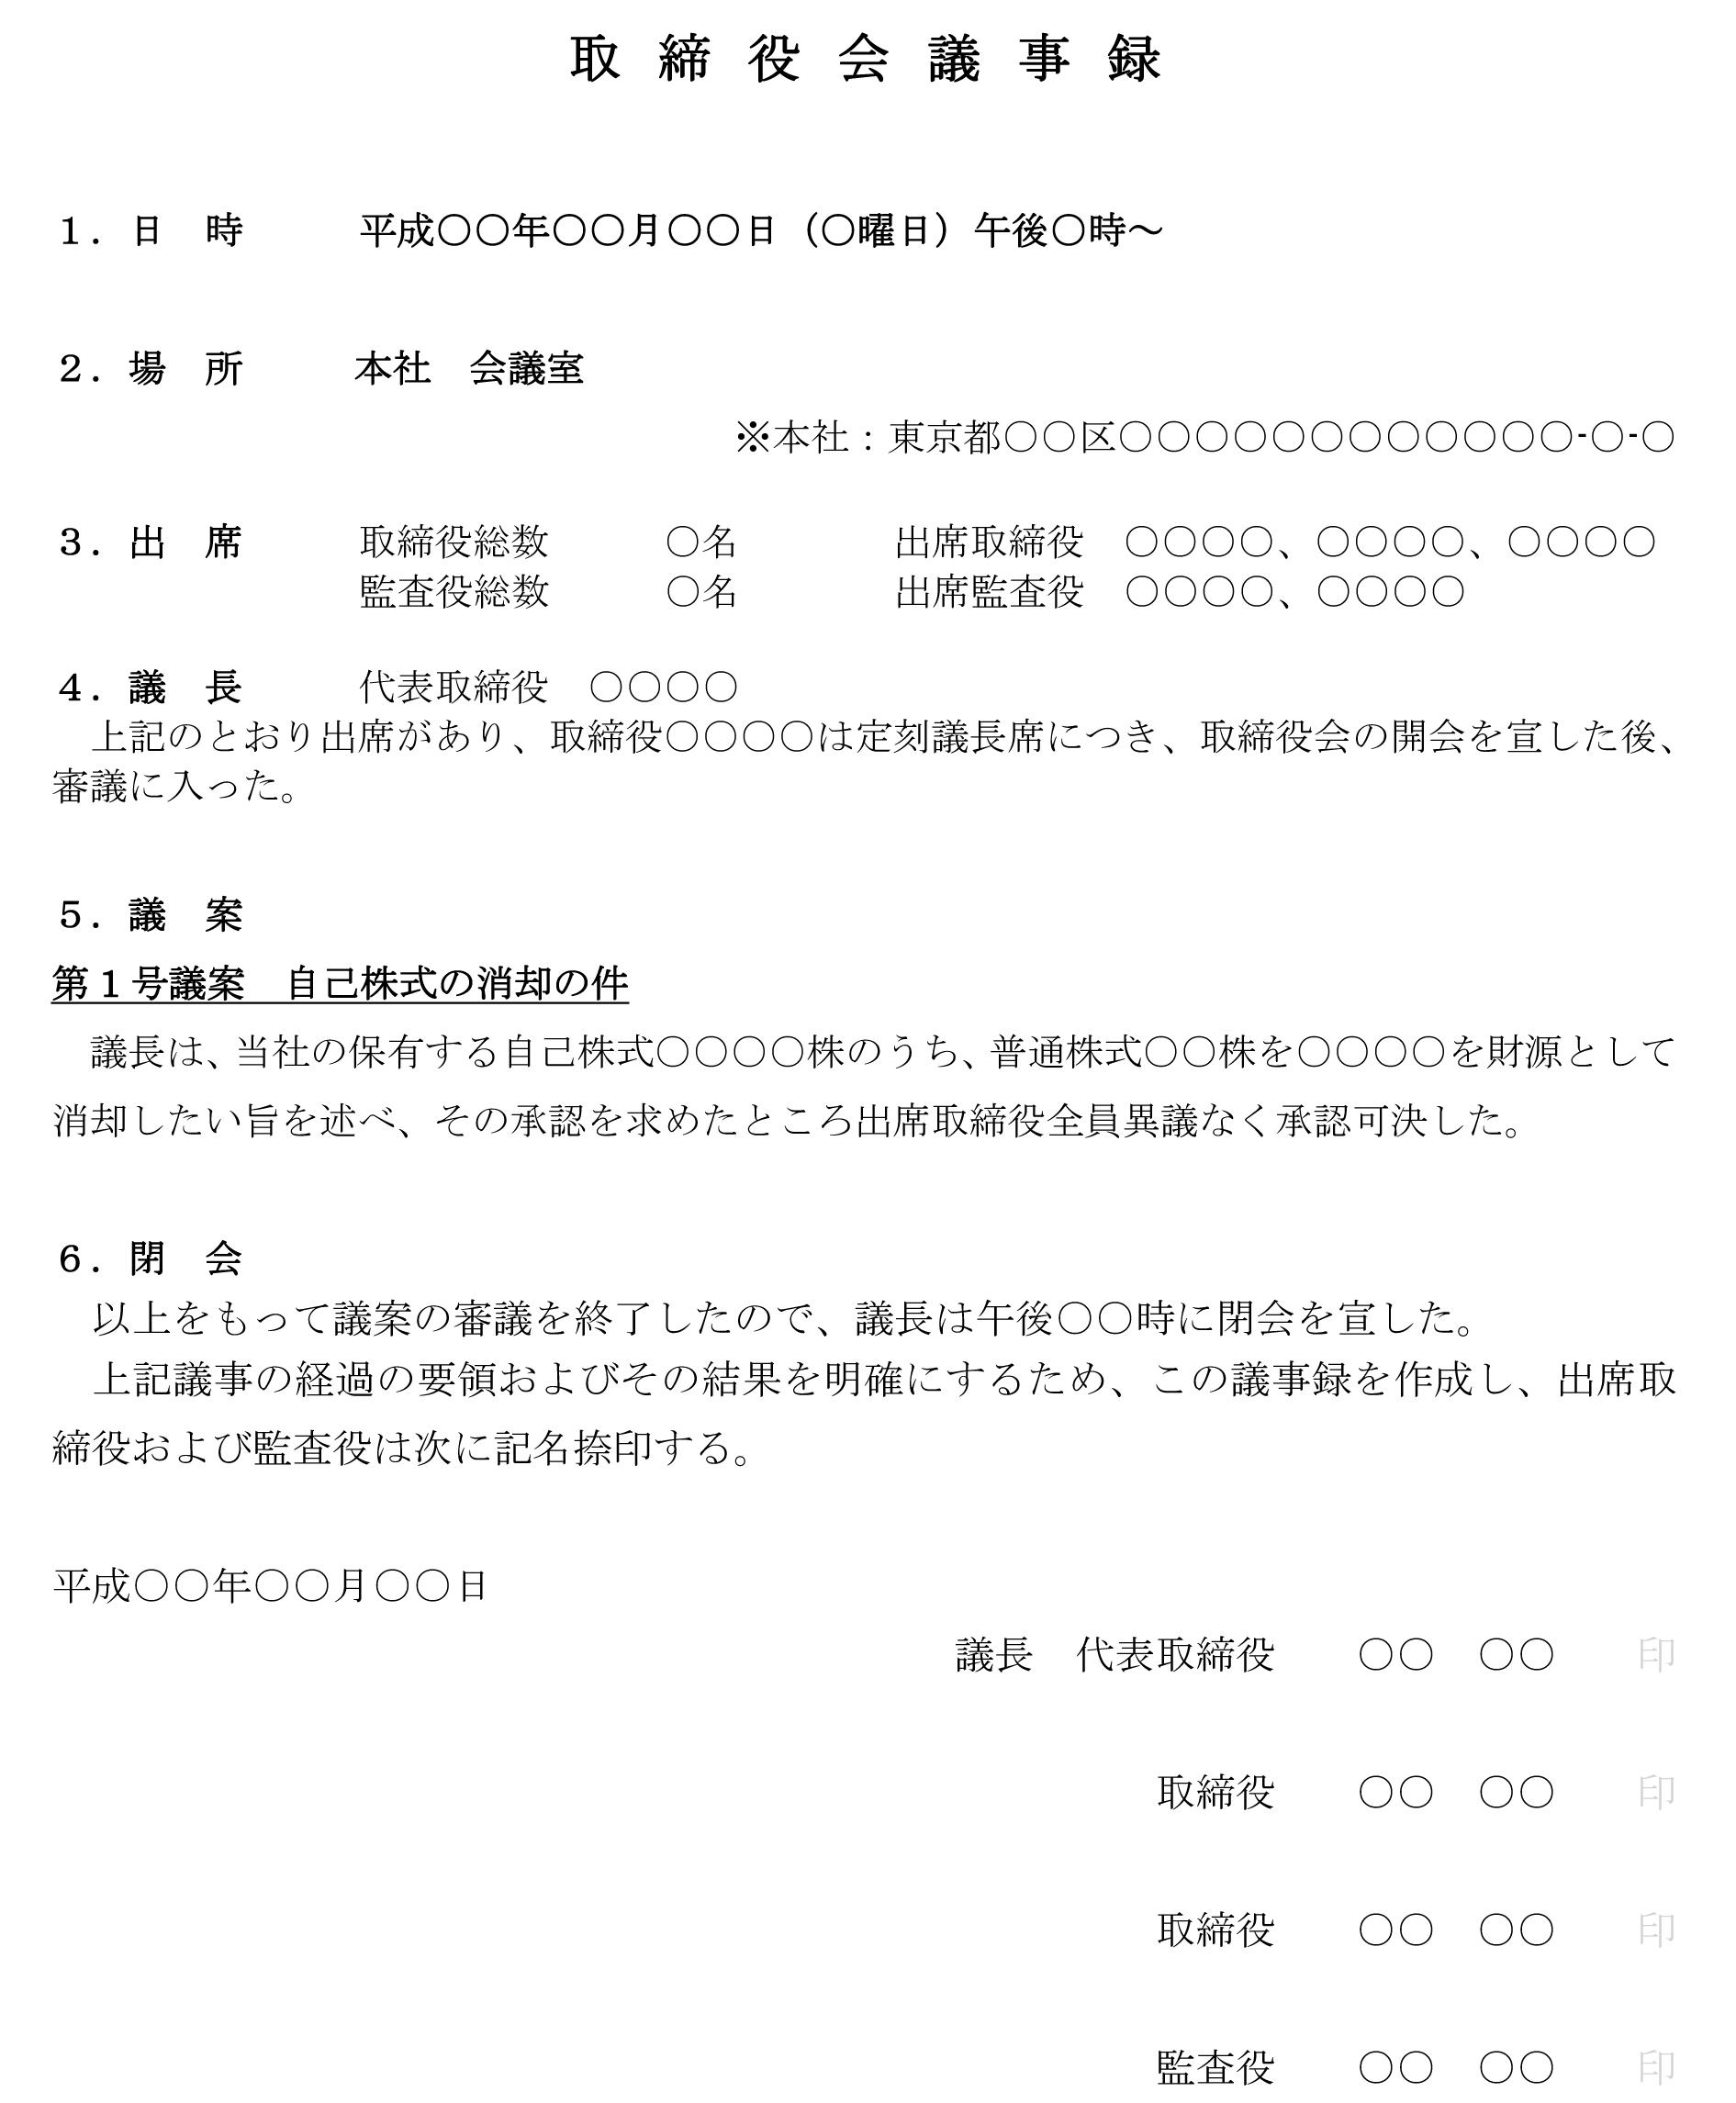 取締役会議事録(自己株式消却)